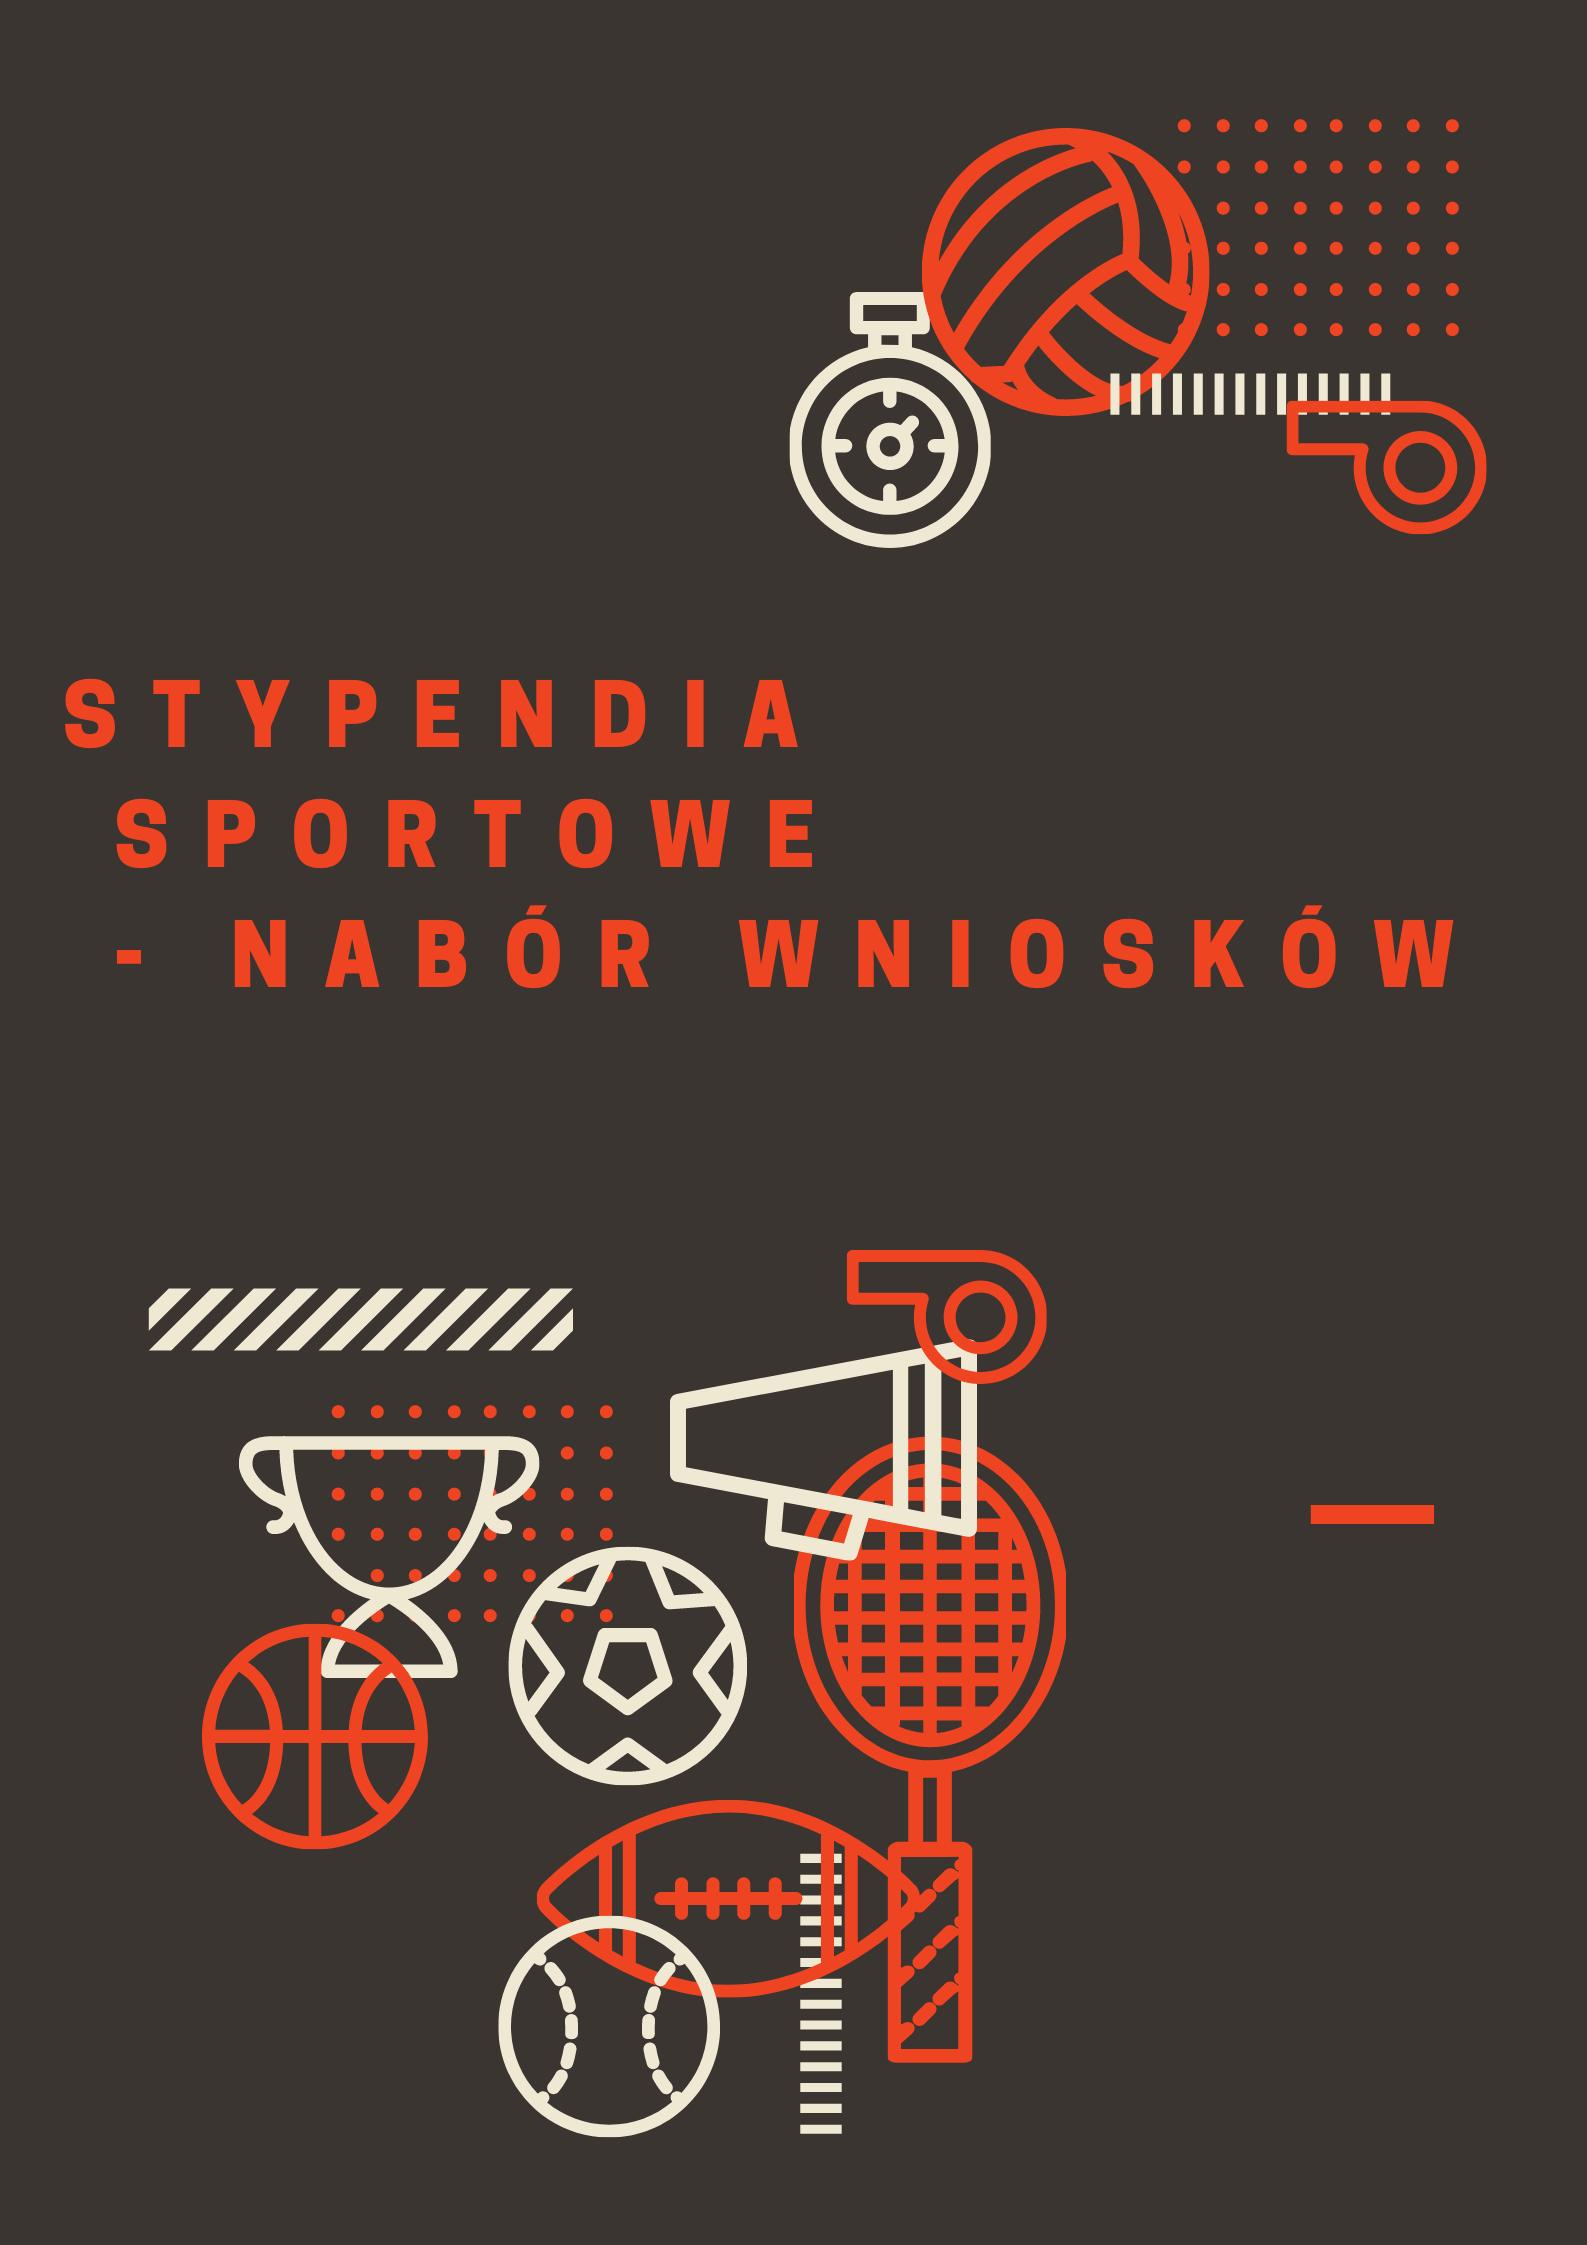 grafika Stypendia sportowe – nabór wniosków